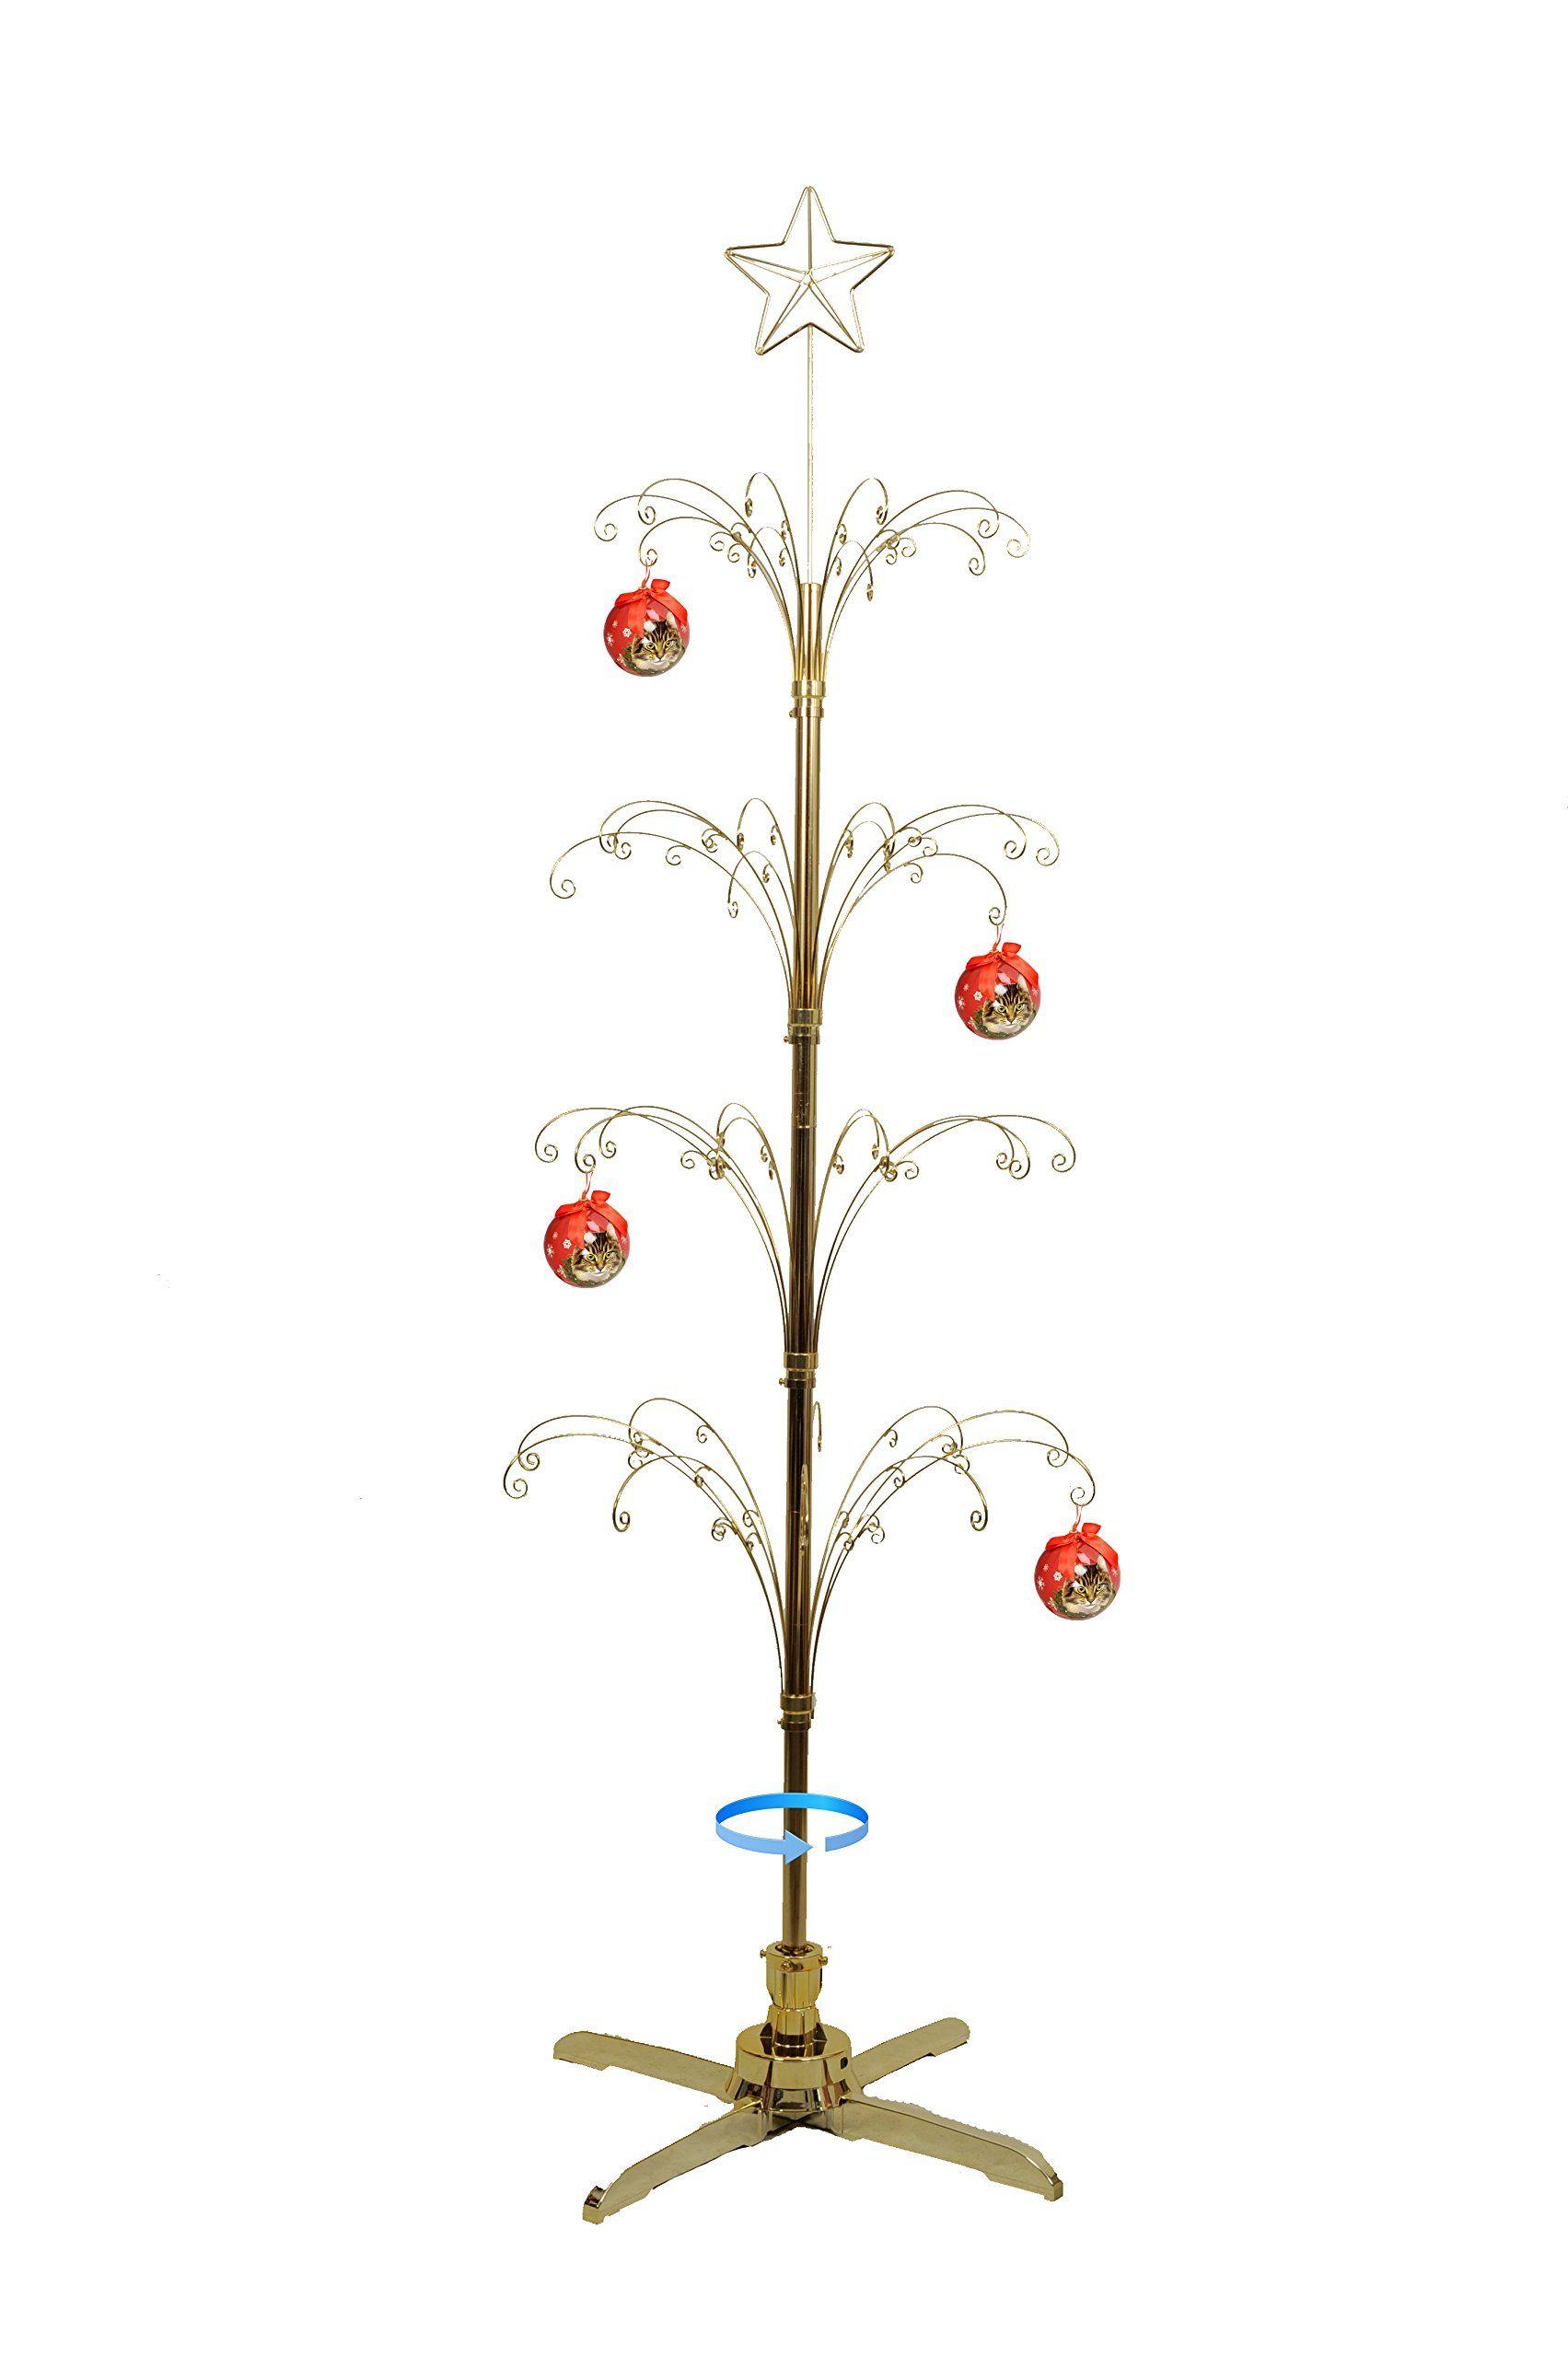 Hohiya Metal Ornament Display Tree Rotating Stand Christmas Ball